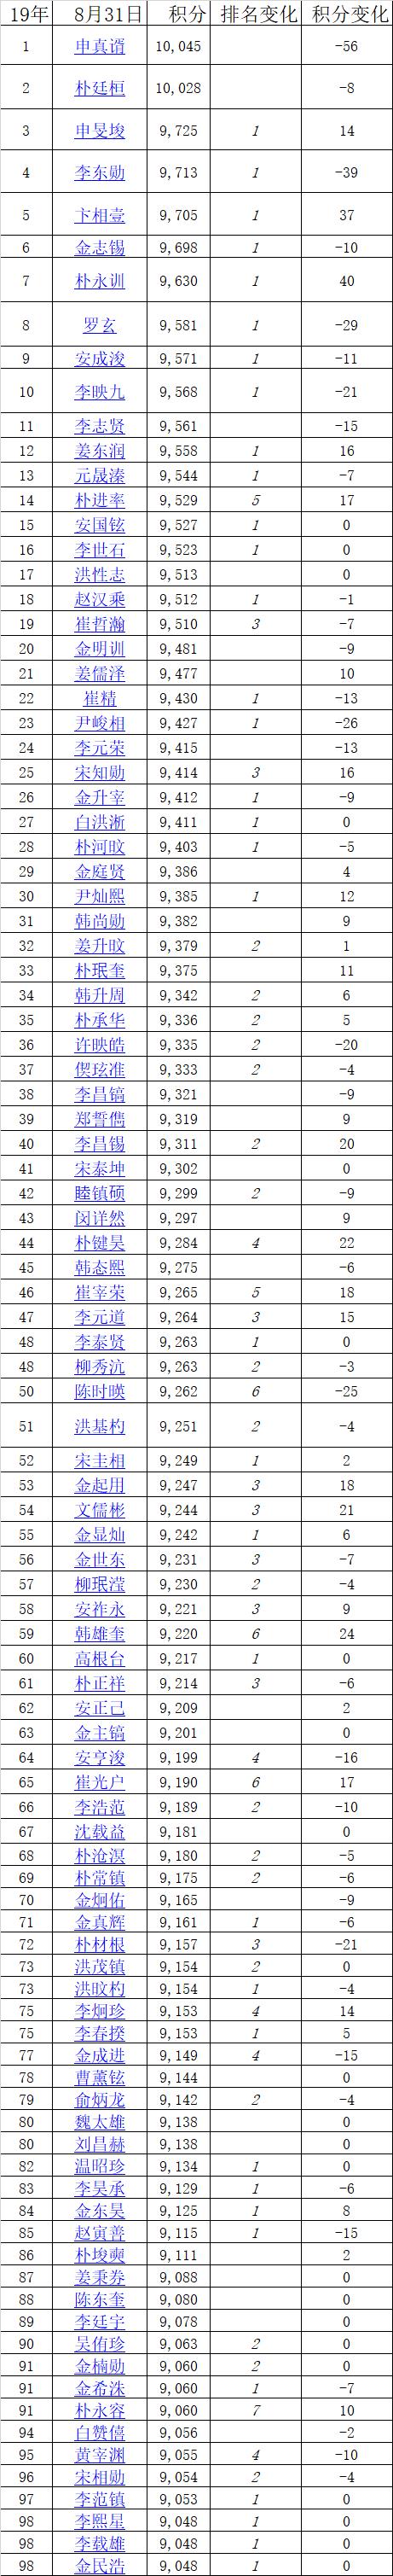 申真谞领跑朴廷桓紧追 申旻埈探花崔精刷新高